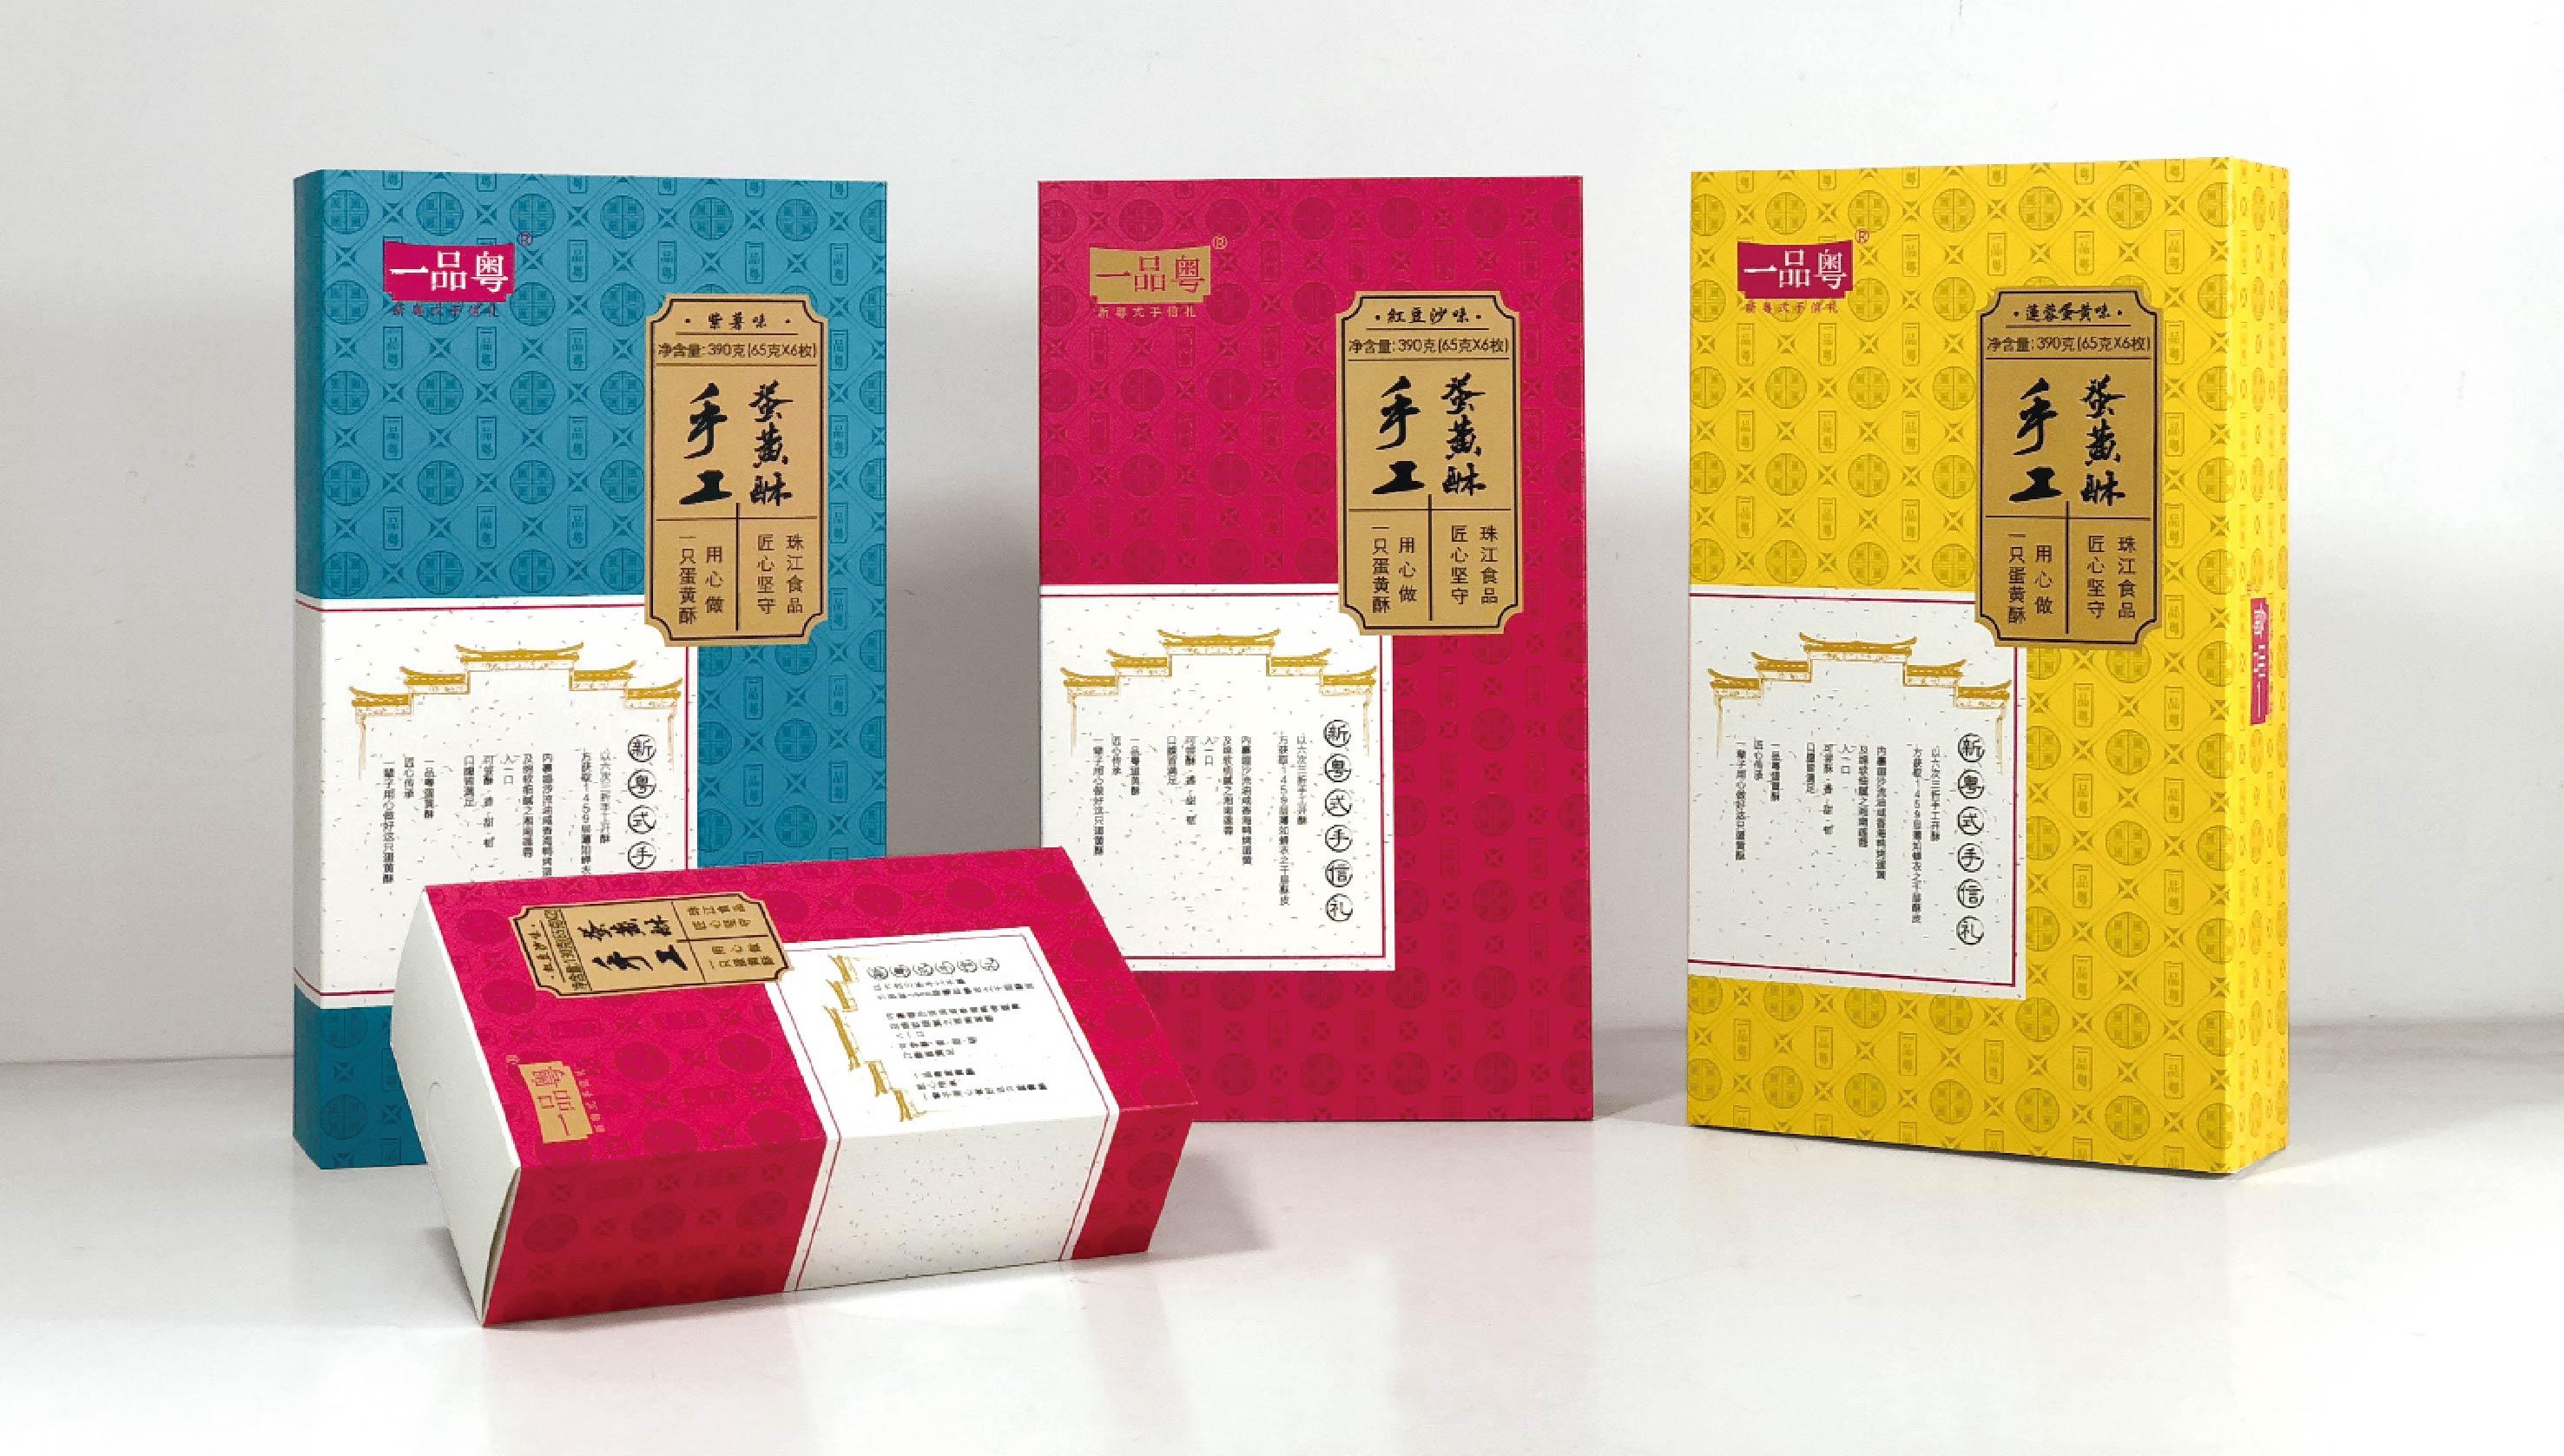 彩盒工厂制作彩盒包装覆膜工艺生产-济南尚邦佳品包装制品有限公司